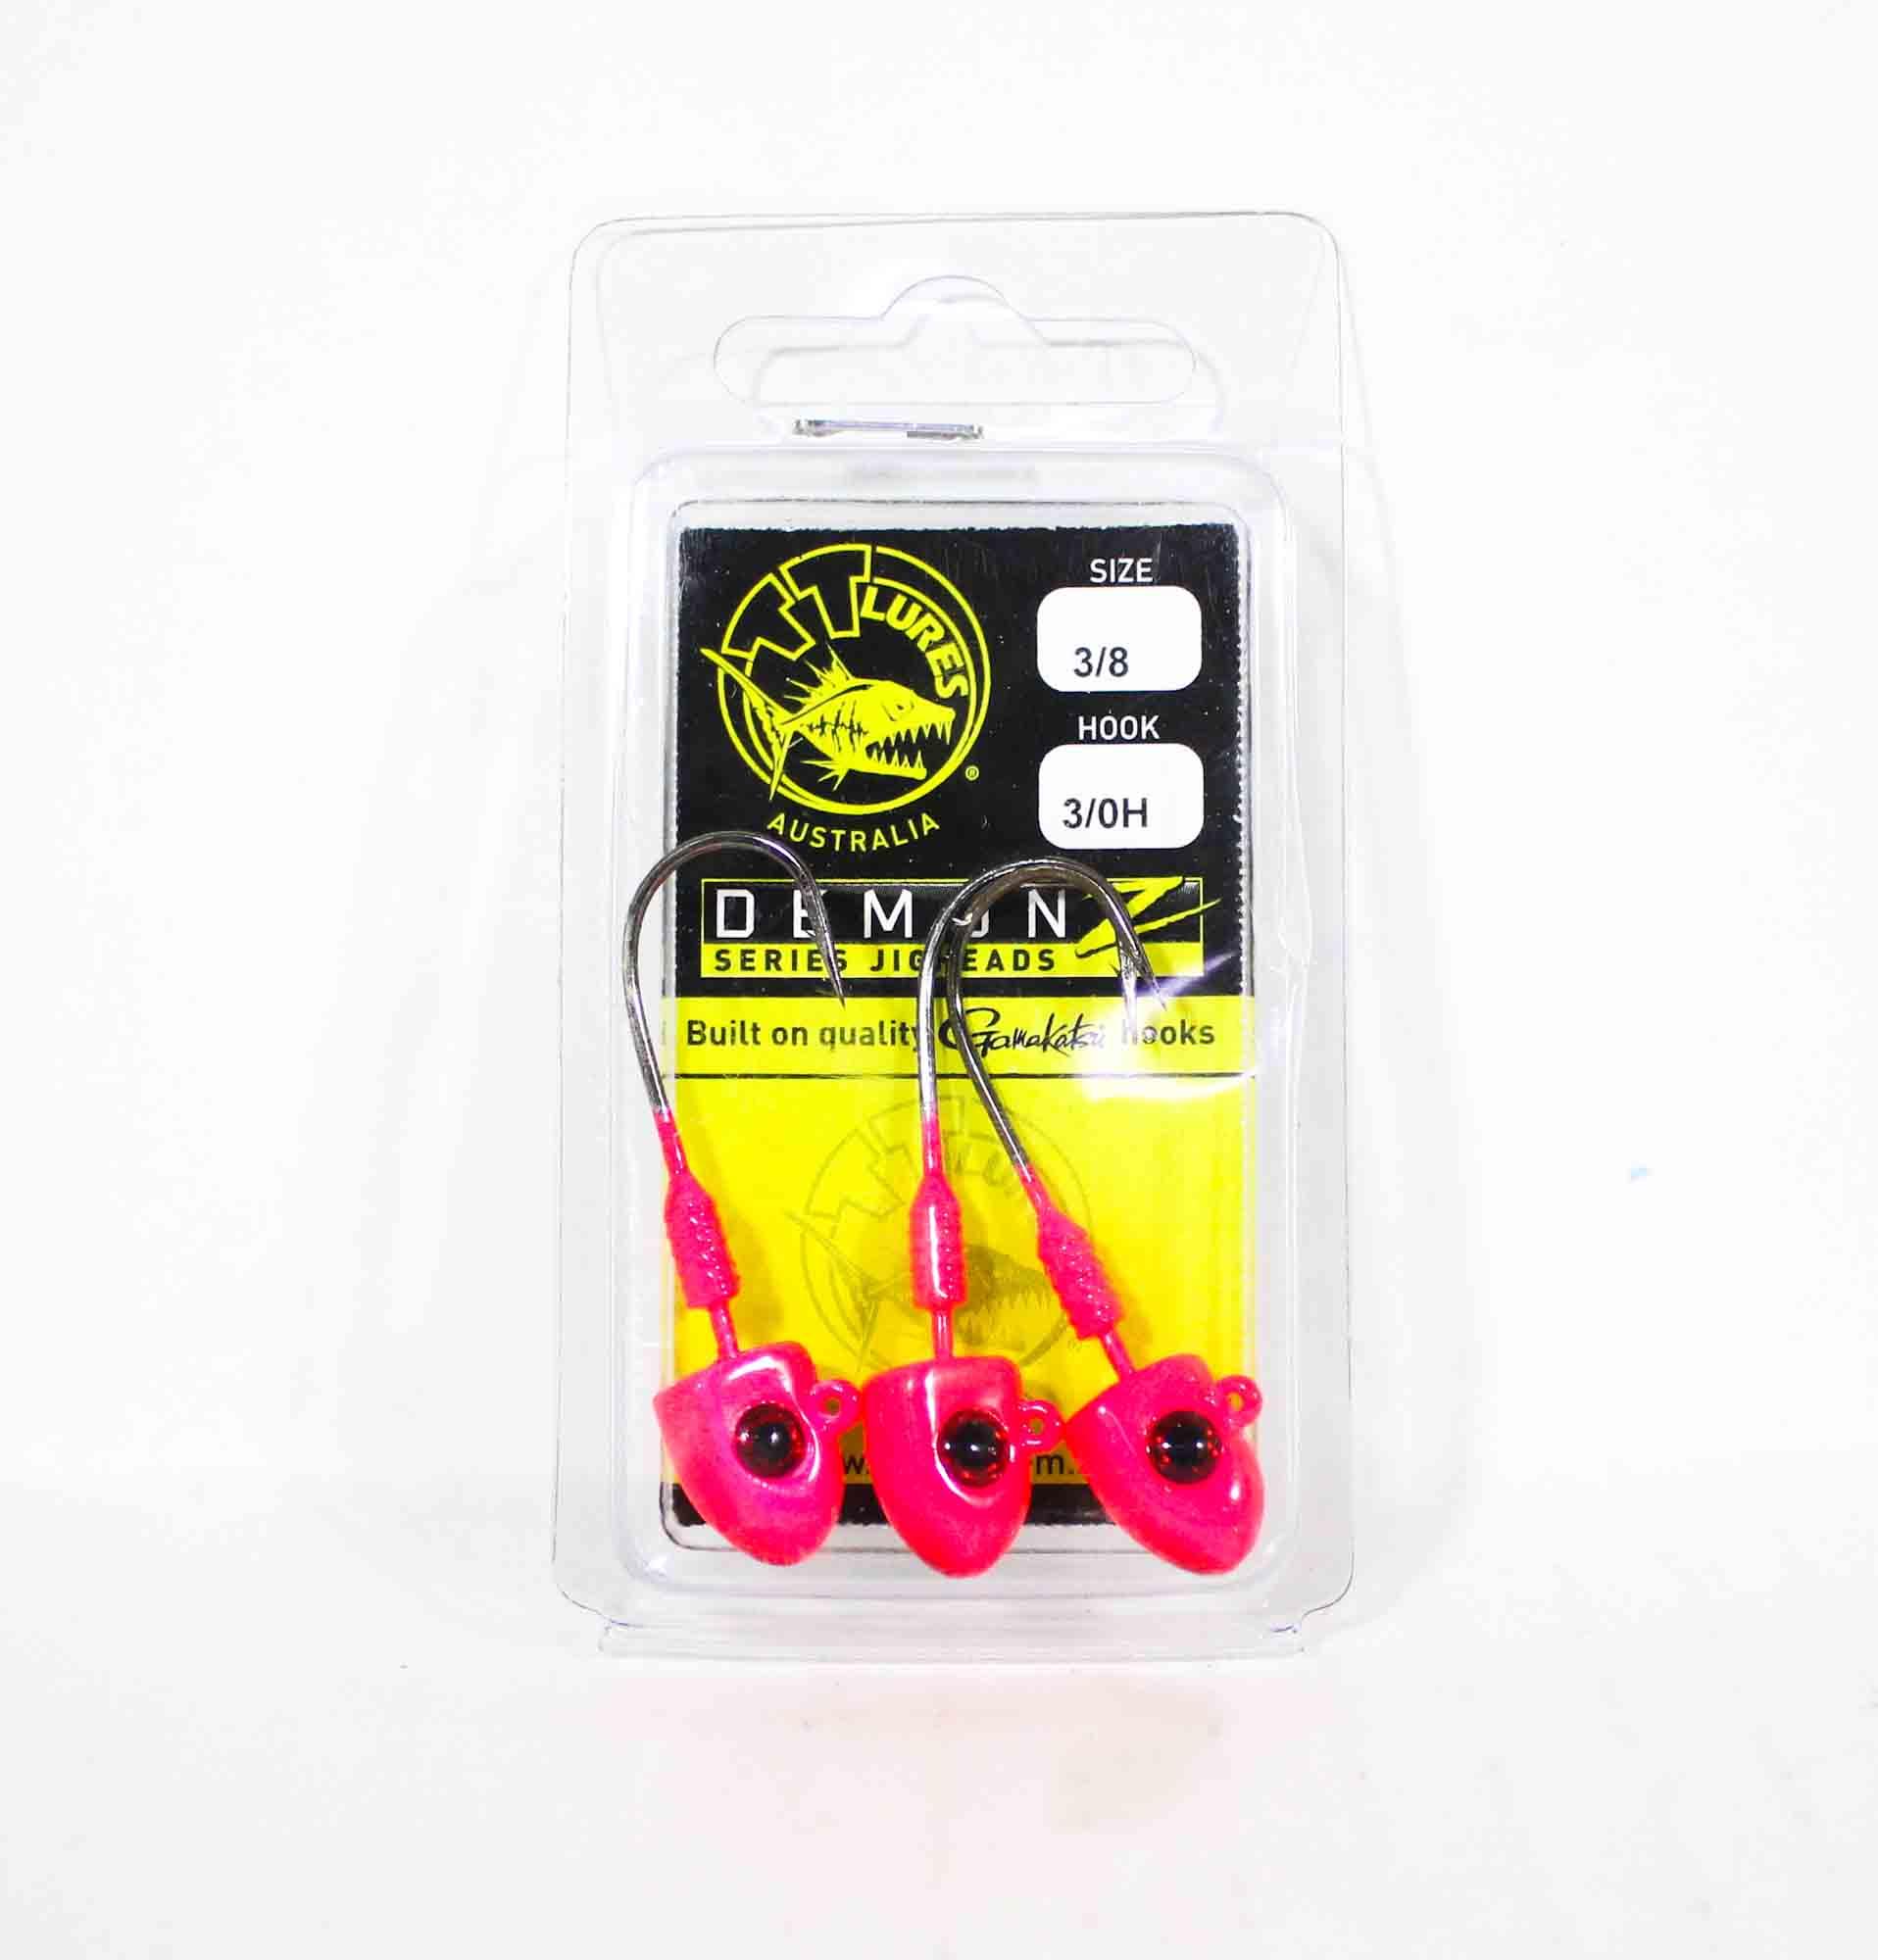 Tackle Tactics TT Demonz Jig Head 3/8oz 3/0H 3 per pack Pink (7662)